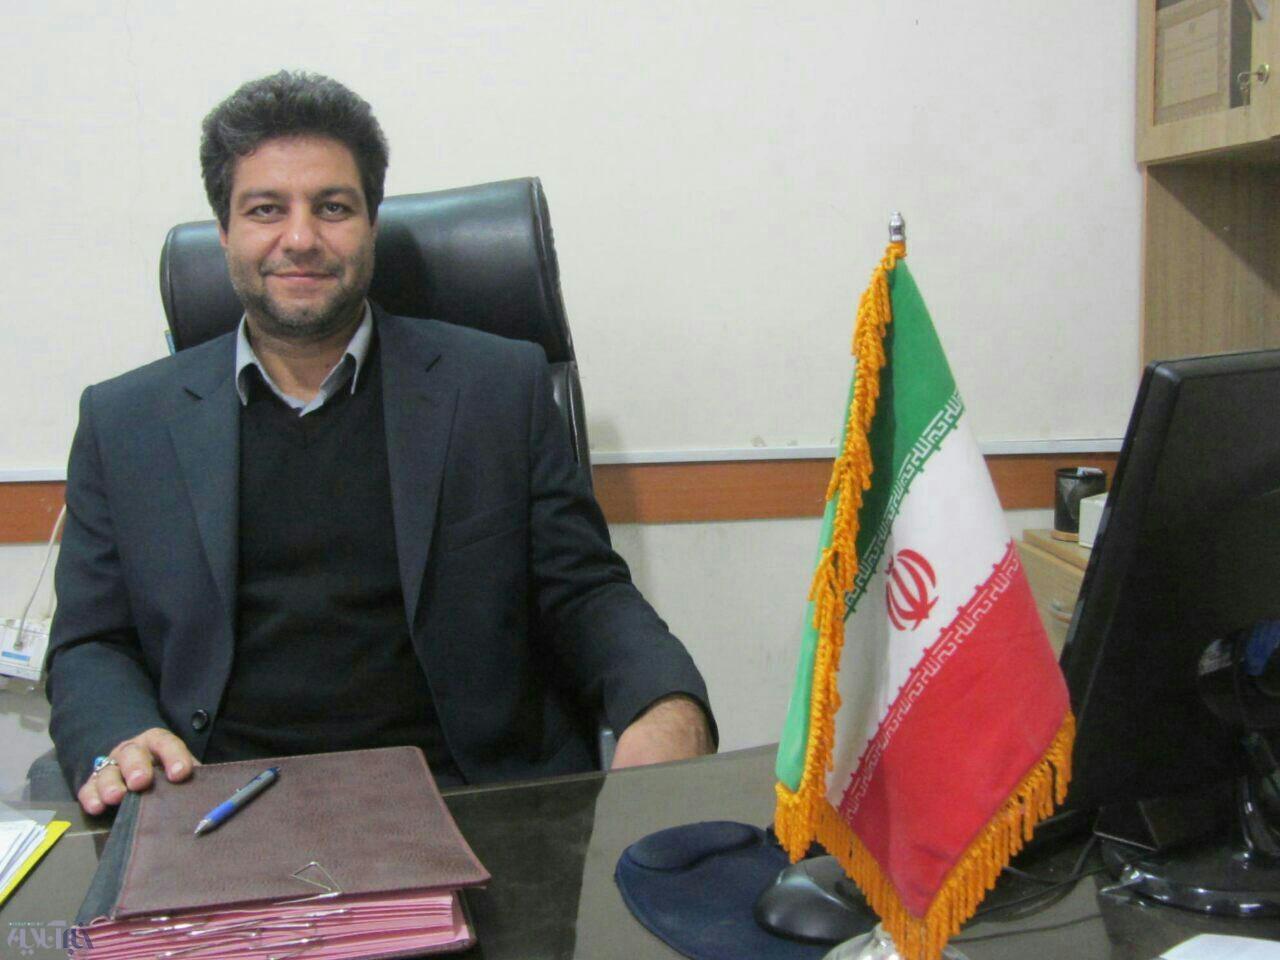 معارفه معاون تعاون اداره کل تعاون، کار و رفاه اجتماعی استان کرمانشاه